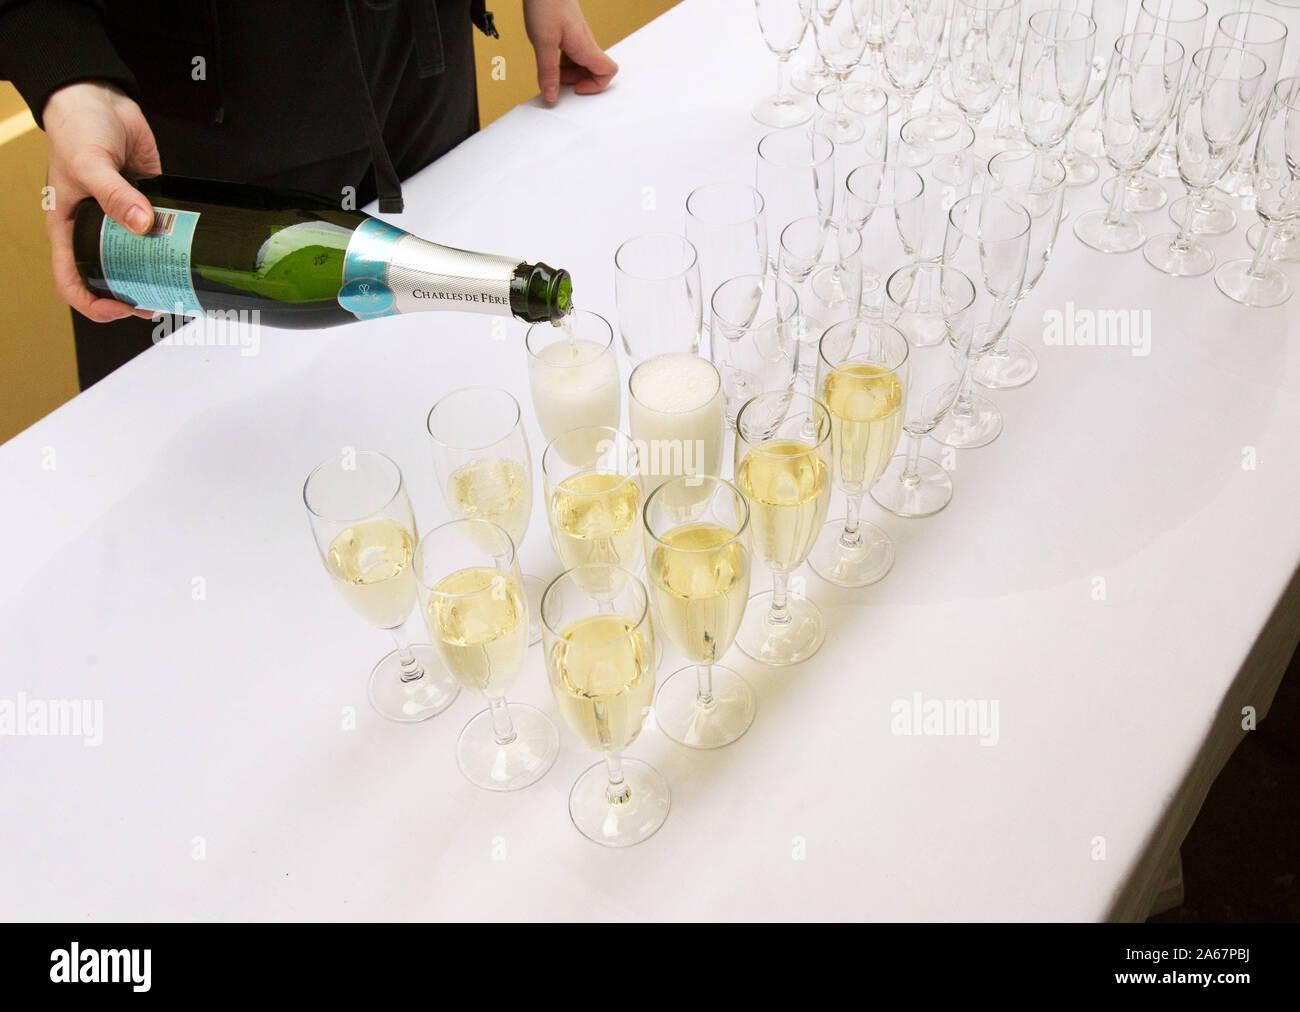 Qualcuno versando il vino spumante in bicchieri.Photo Jeppe Gustafsson Foto Stock